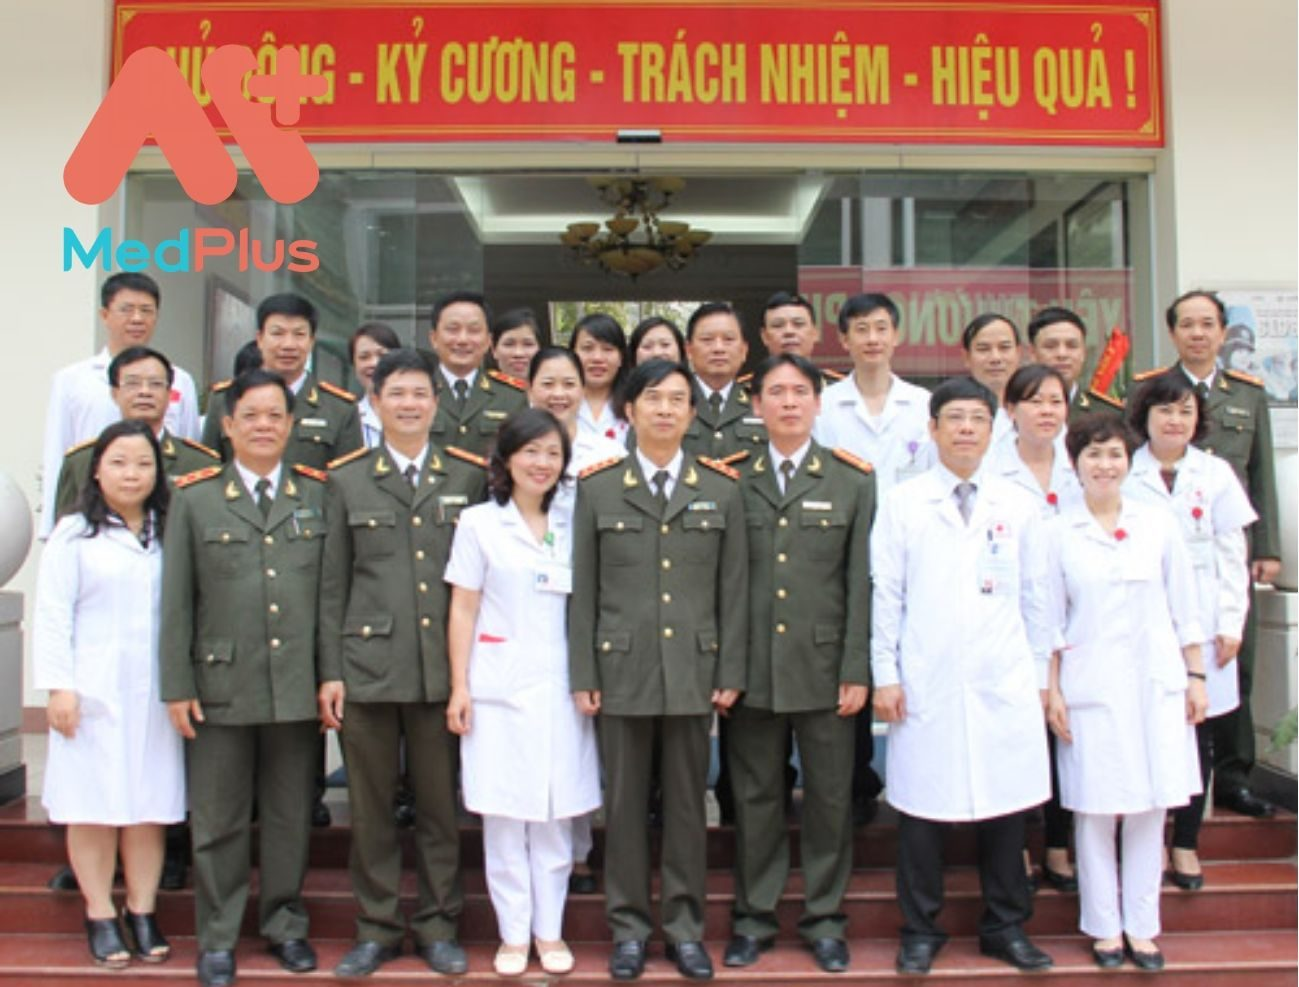 Đội ngũ bác sĩ tại bệnh viện